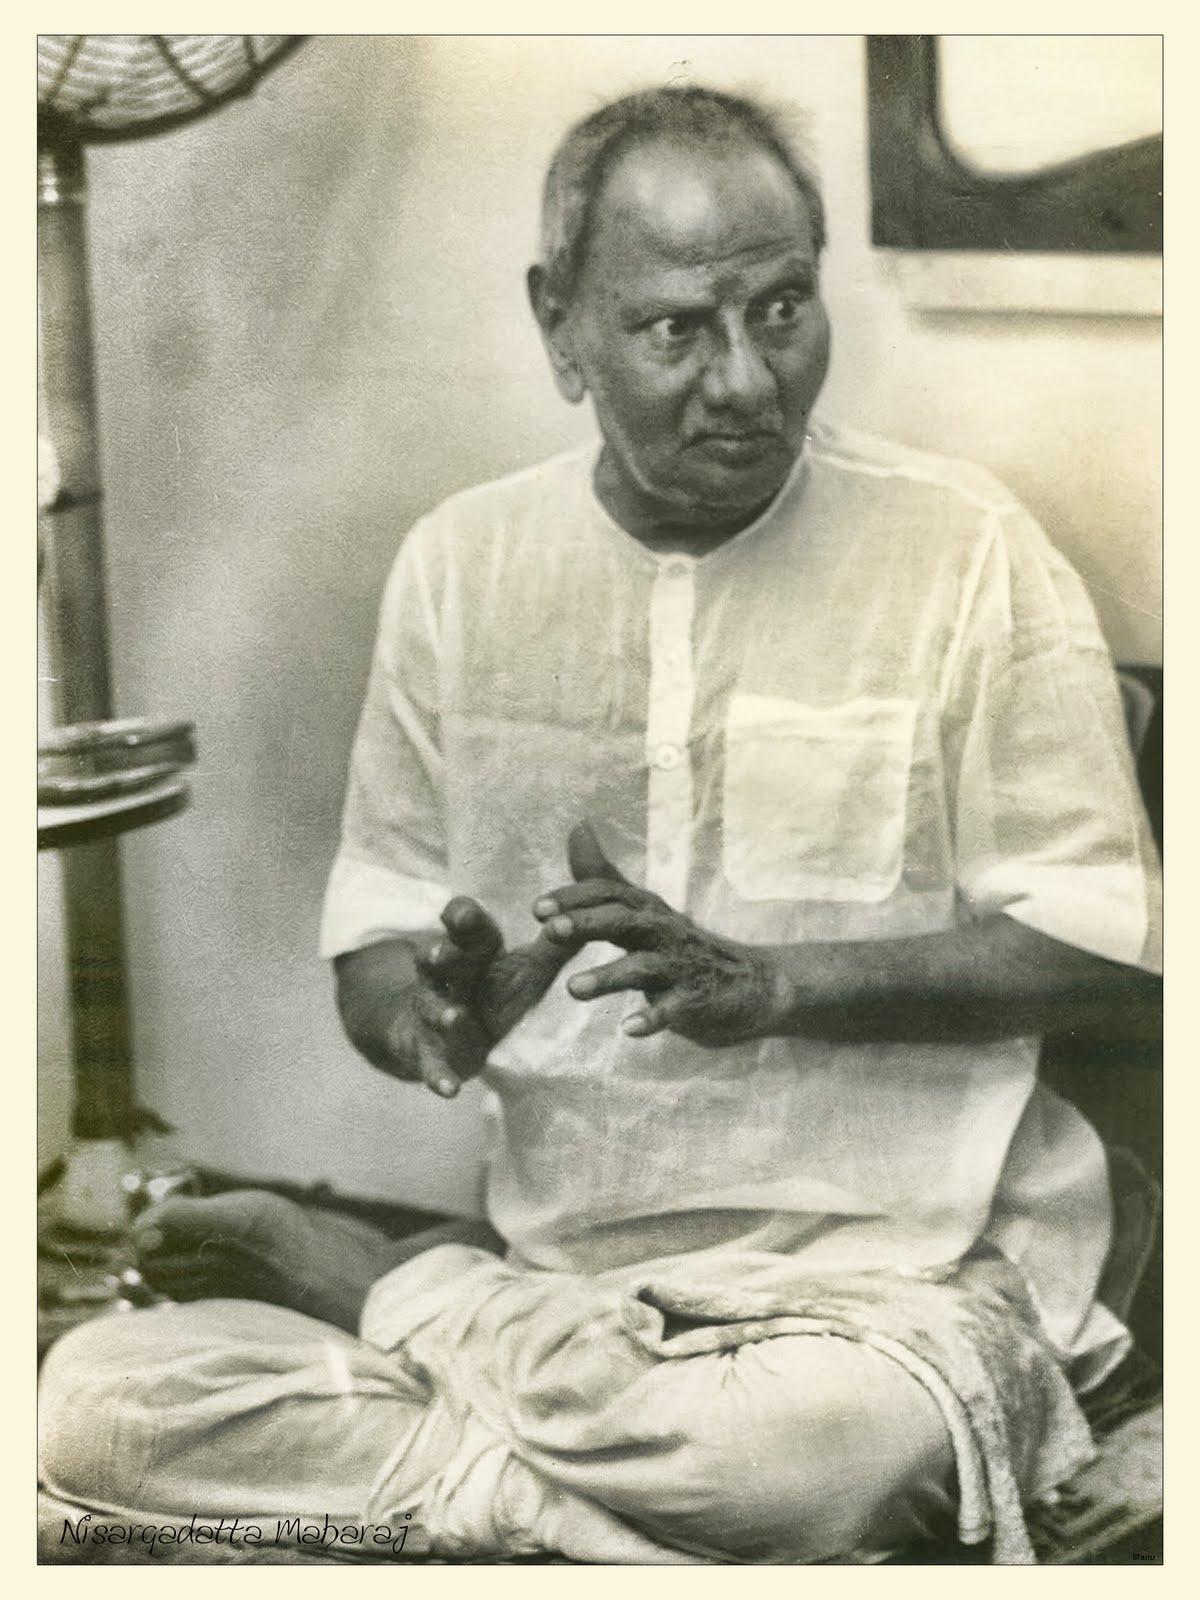 025-0-Nisargadatta_Maharaj.jpg